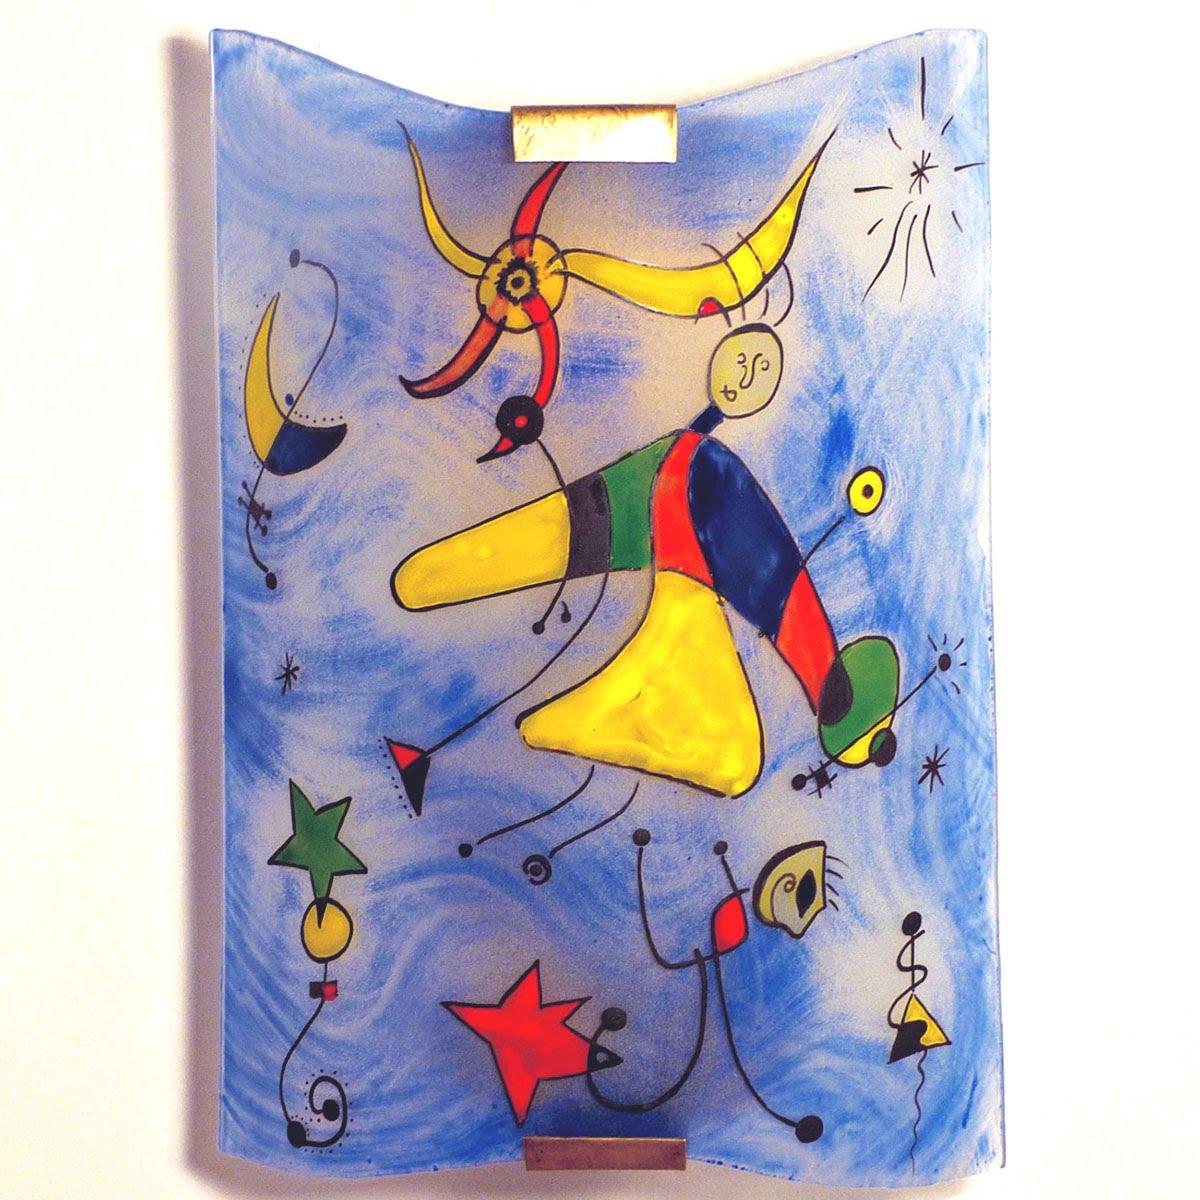 Applique decorative fantaisie bleu et multicolore motif le ciel de miro 1